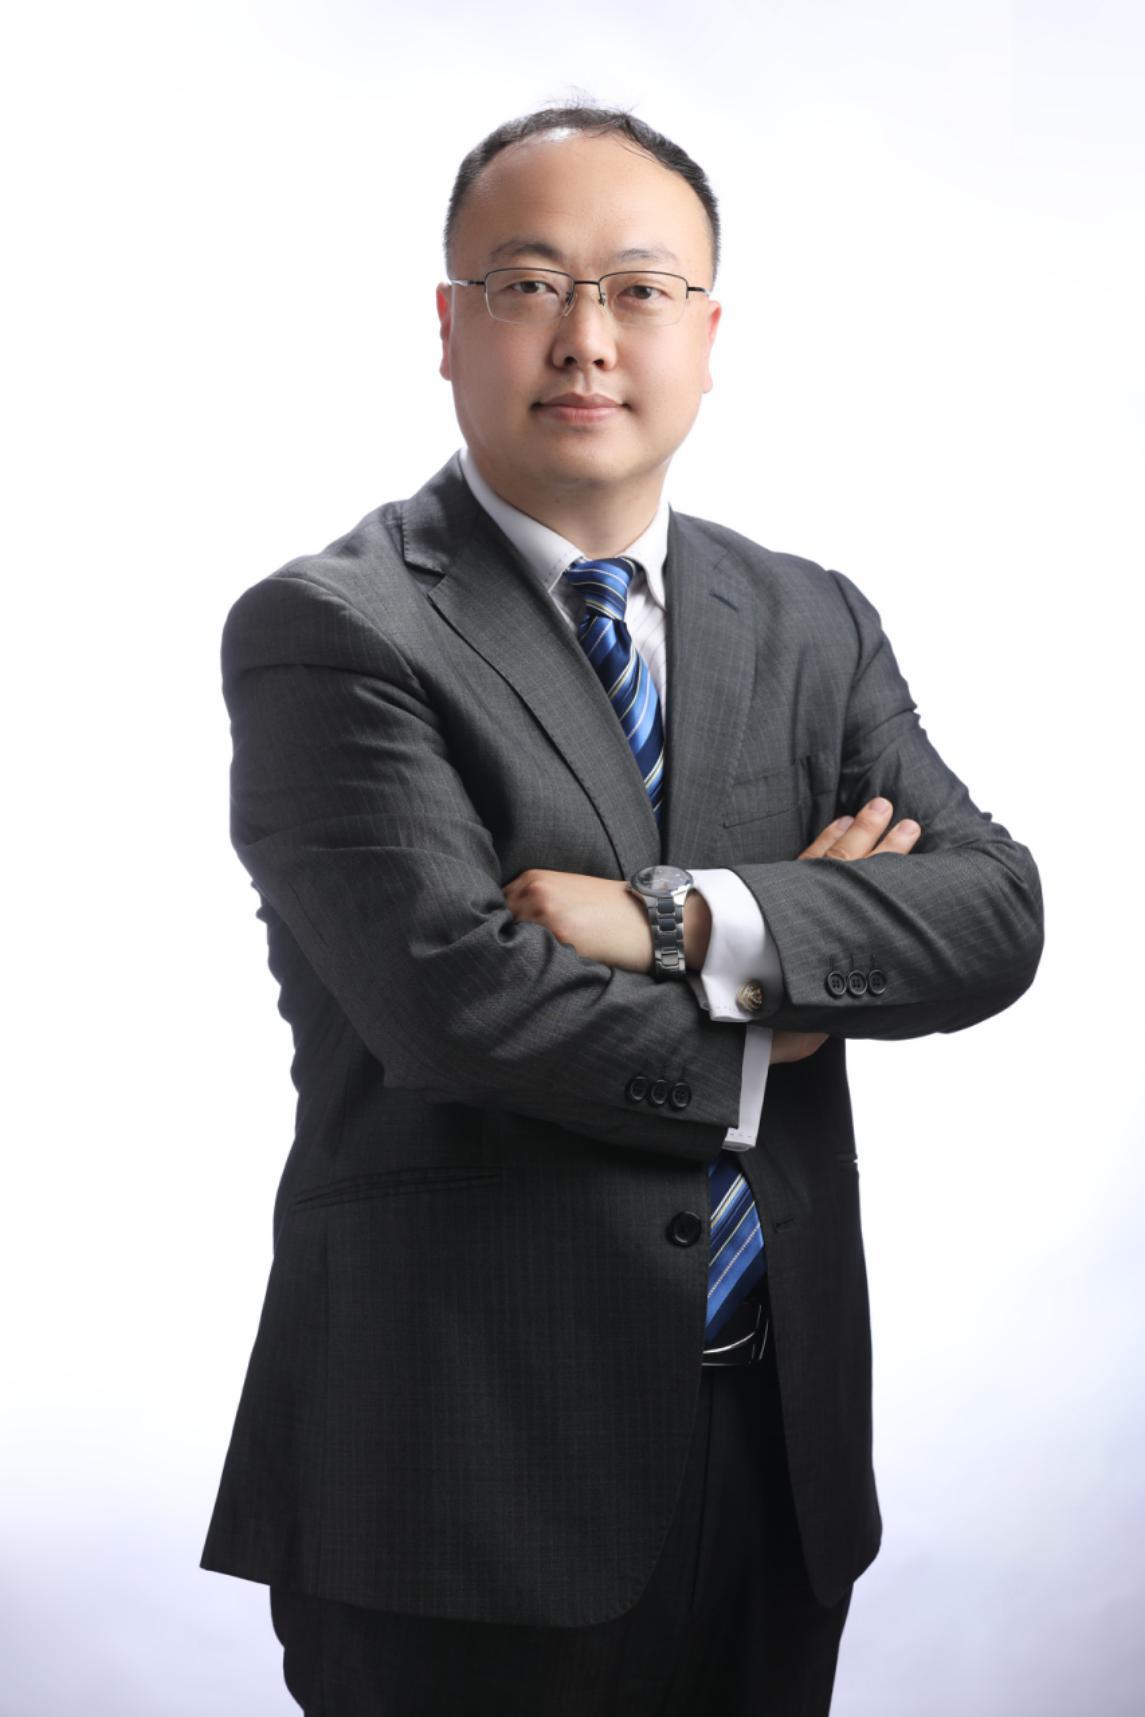 曹爱宏中国专业的TTT与职业化技能训练导师